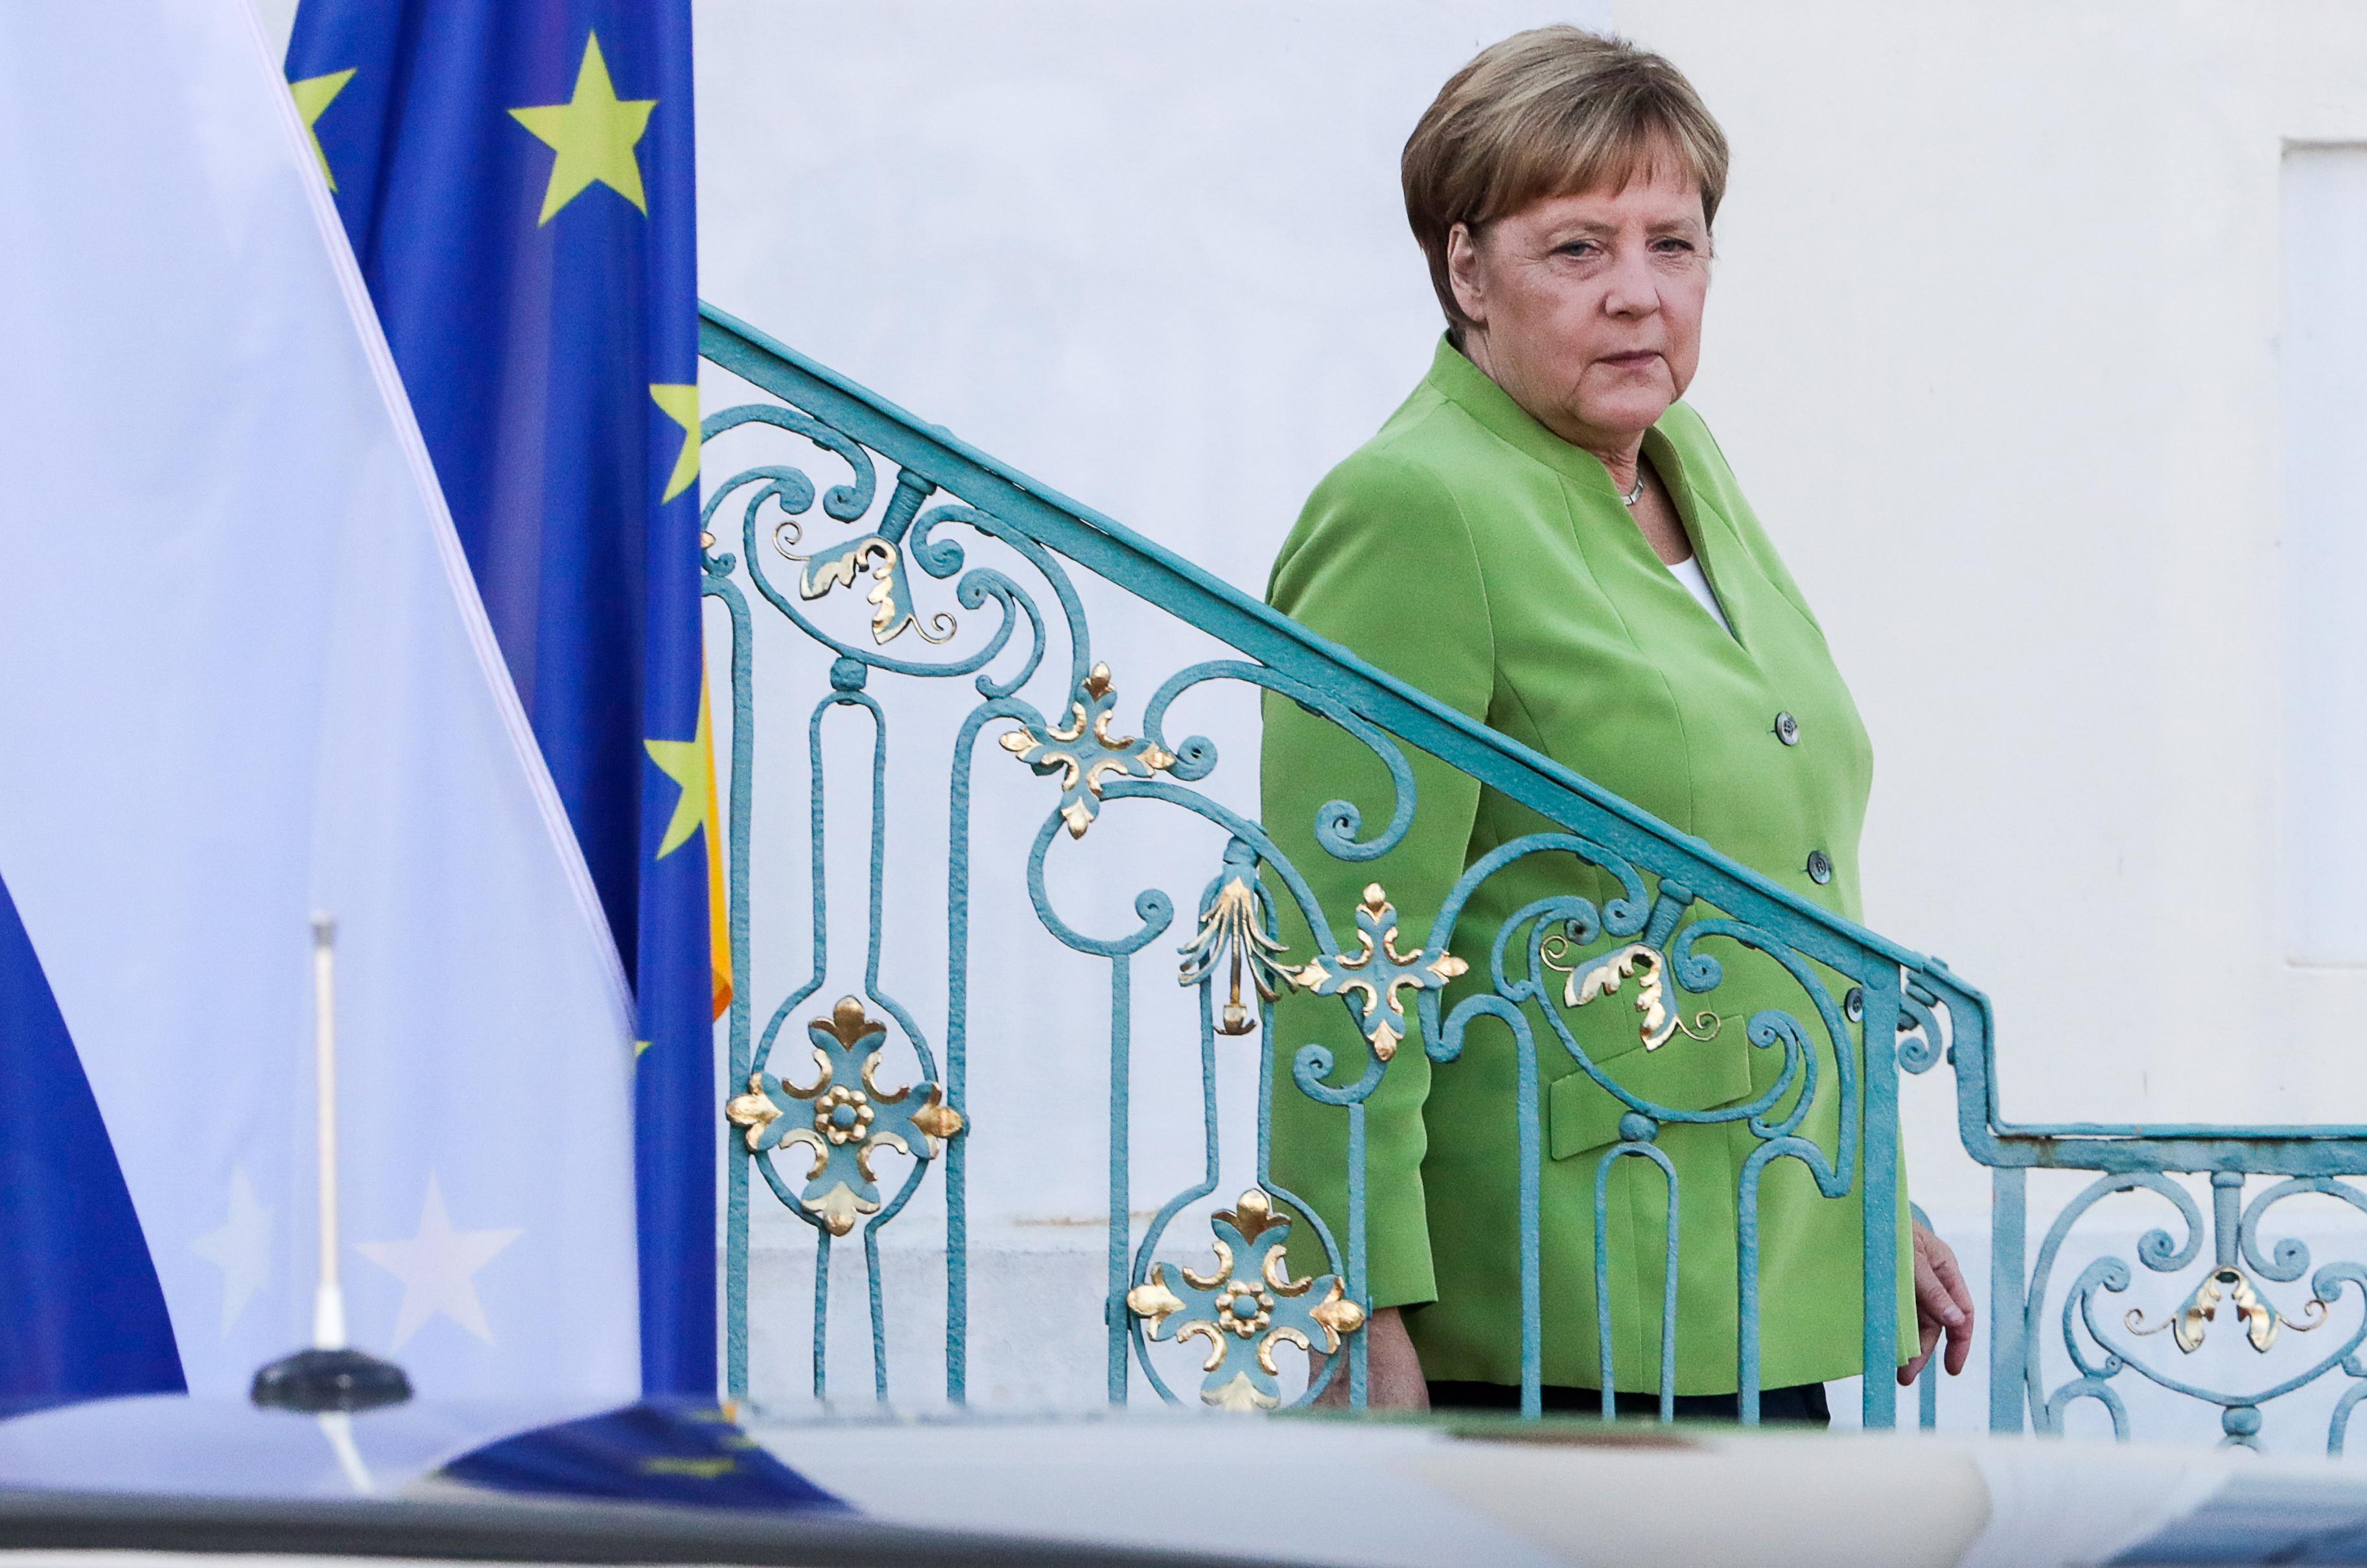 Закат эпохи. Меркель ради канцлерства приносит в жертву пост главы ХДС